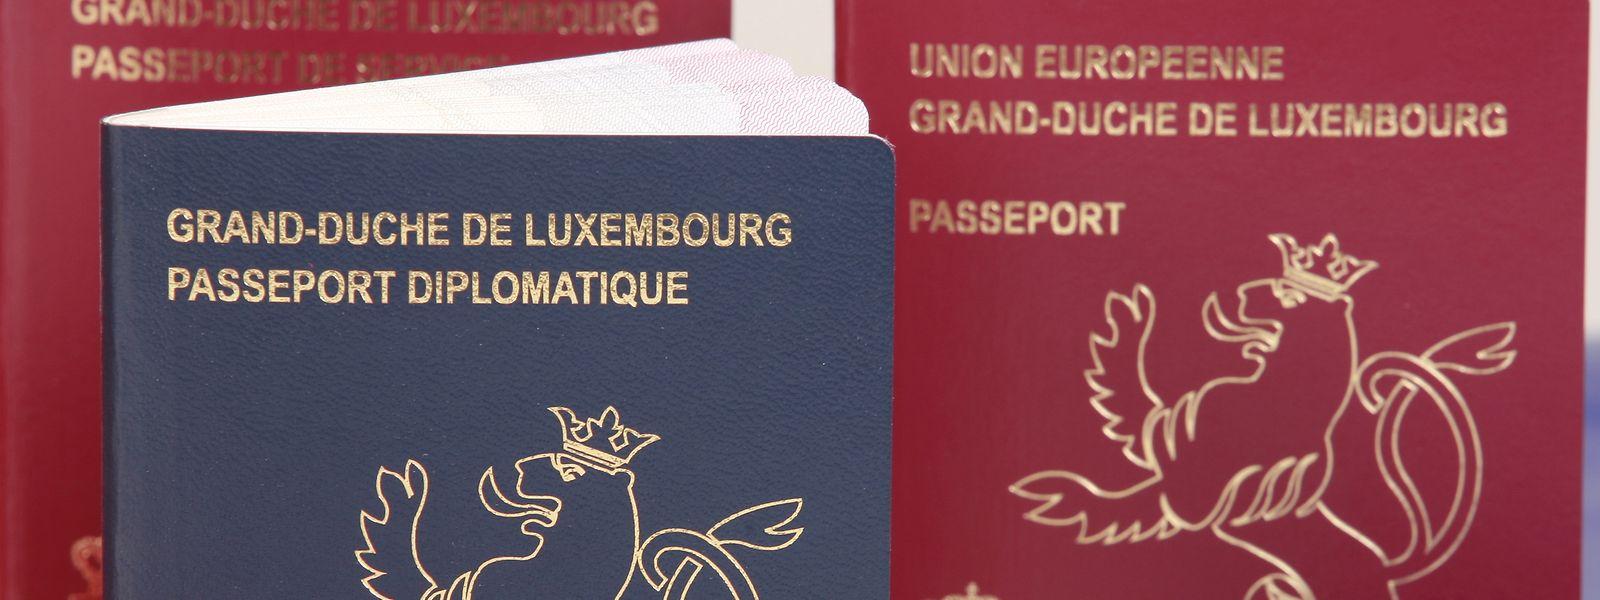 Le passeport luxembourgeois permet de se rendre dans 124 pays du monde, dont 90 sans visa.